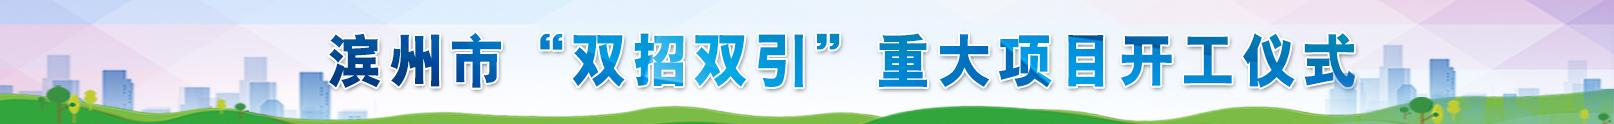 """2020滨州市""""双招双引""""重大项目开工仪式"""